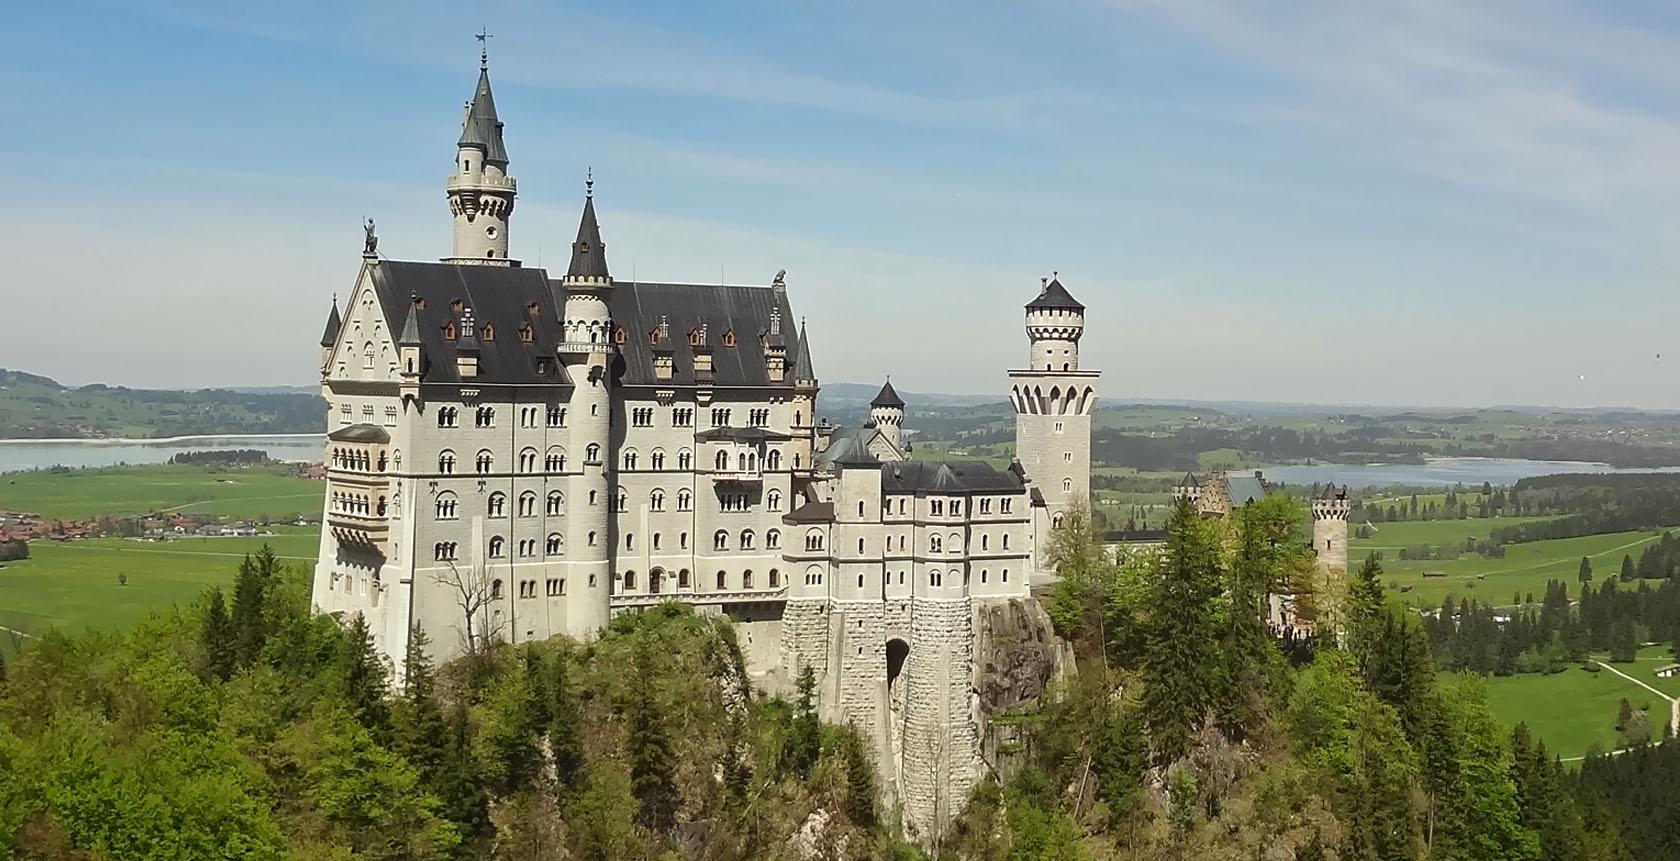 Munique - Castelo de Neuschwanstein Alemanha - dicas de viagem blog Vontade de Viajar